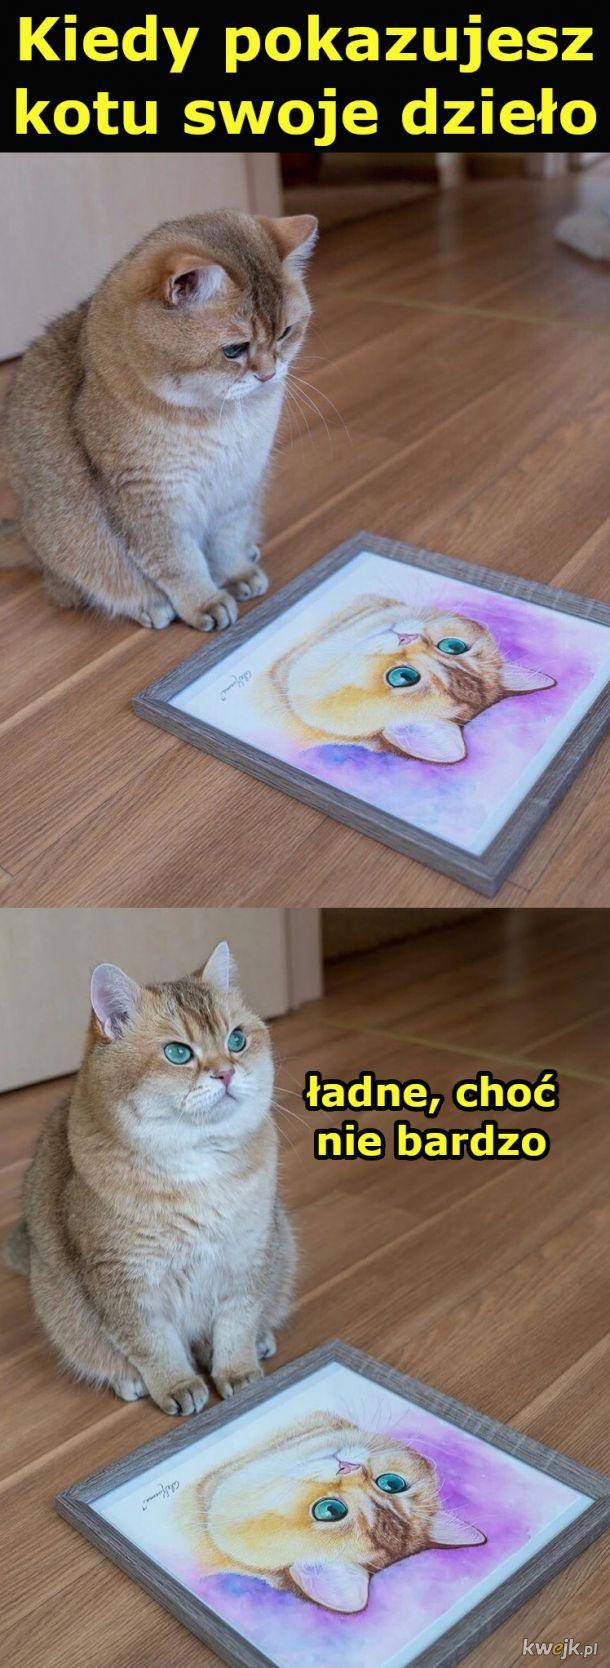 Kiedy pokazujesz kotu swoje dzieło